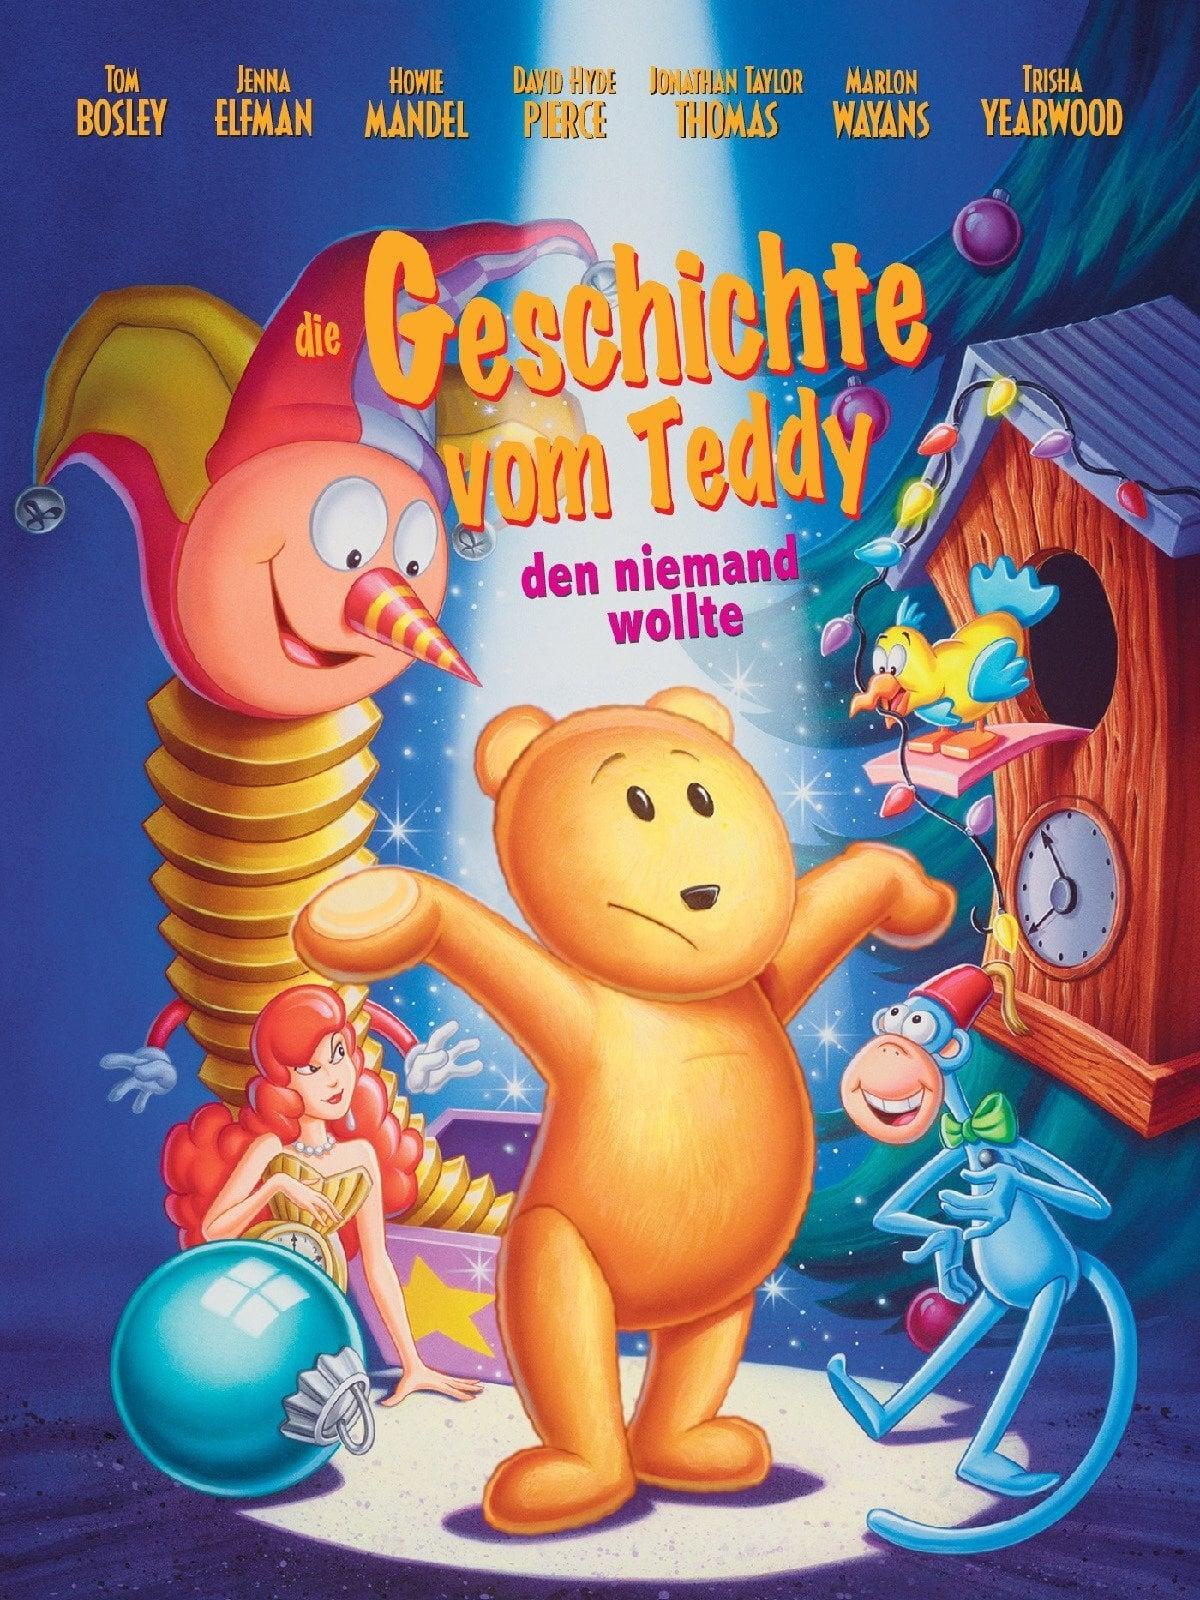 Die Geschichte vom Teddy, den niemand wollte on FREECABLE TV